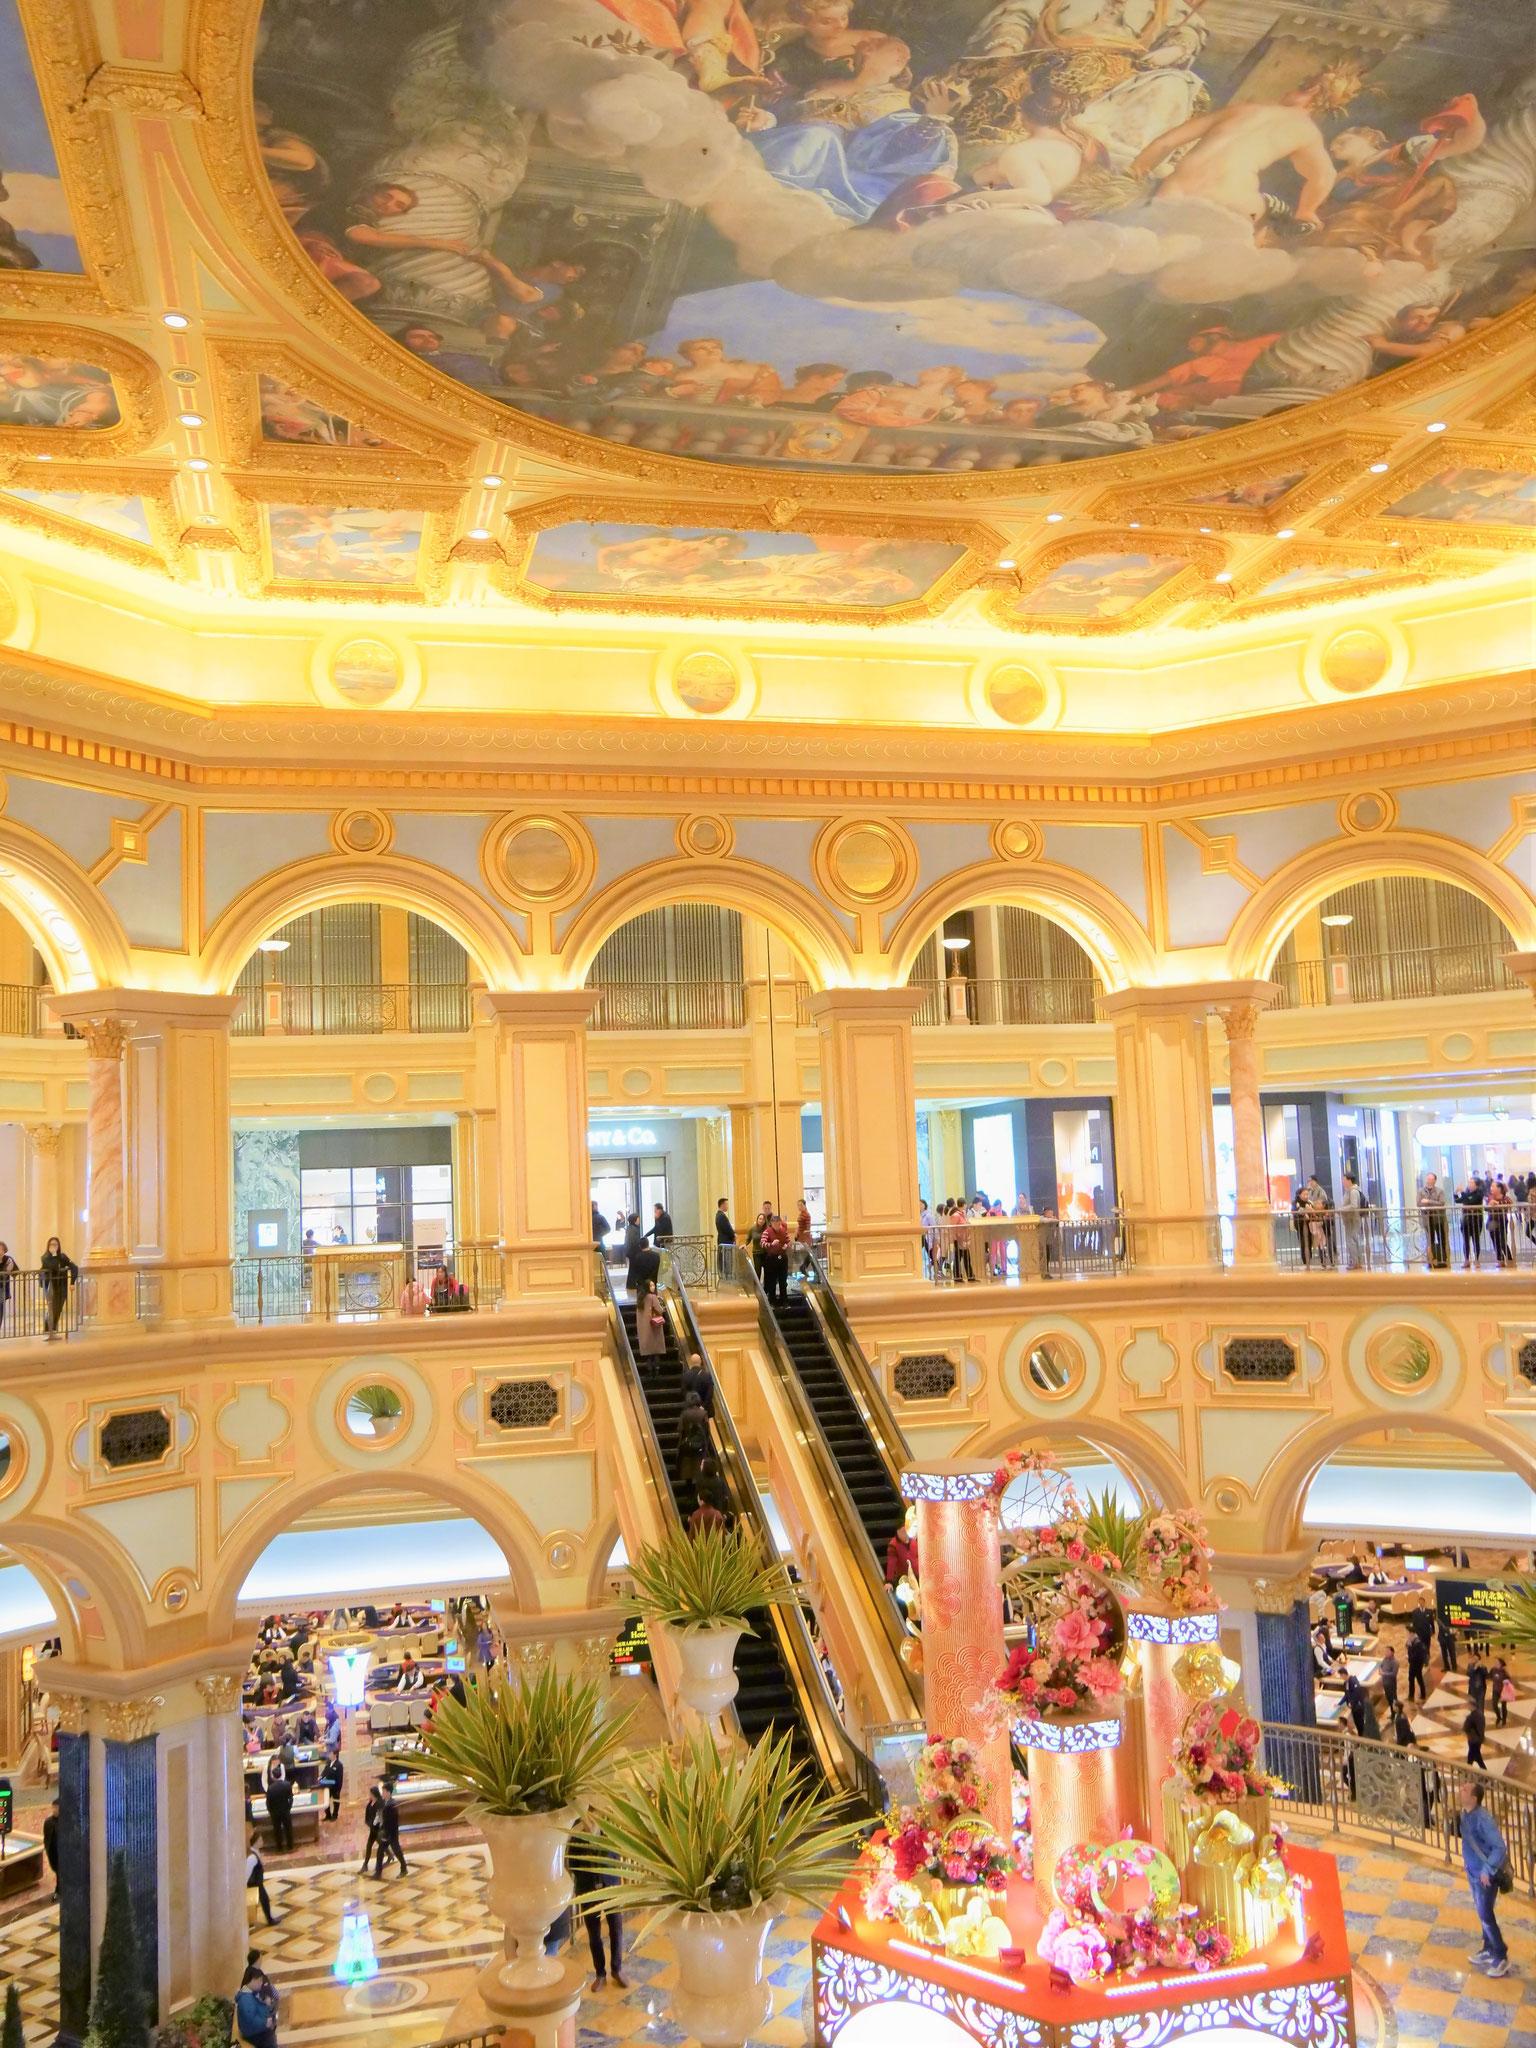 天井の装飾の美しさ、そしてデカさ!